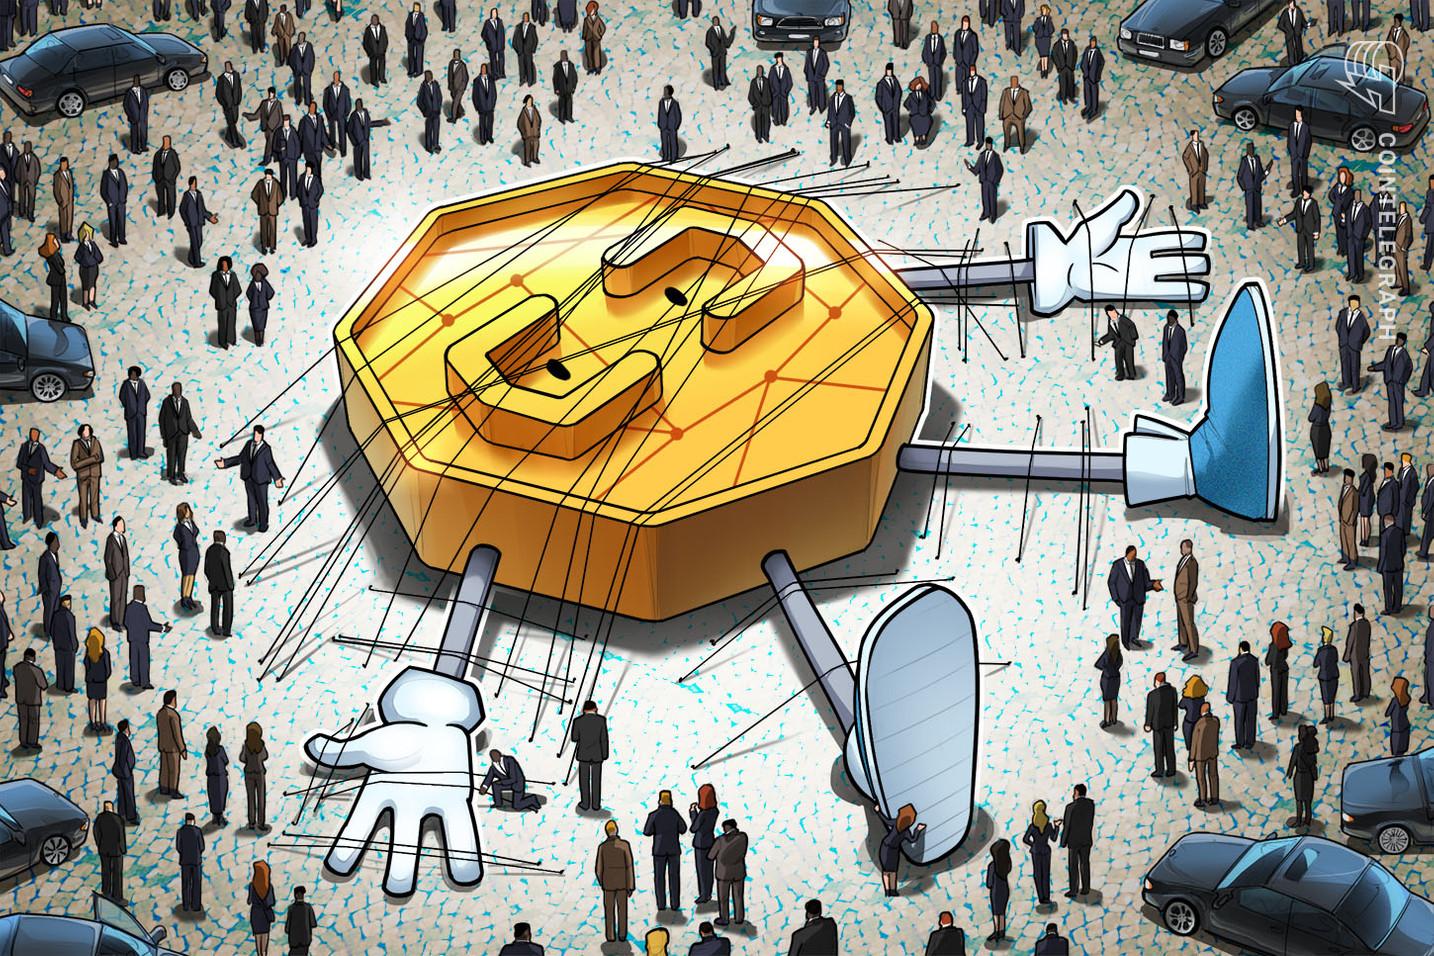 仮想通貨企業が監視関連費用を負担、オランダでの規制草案に非難の声